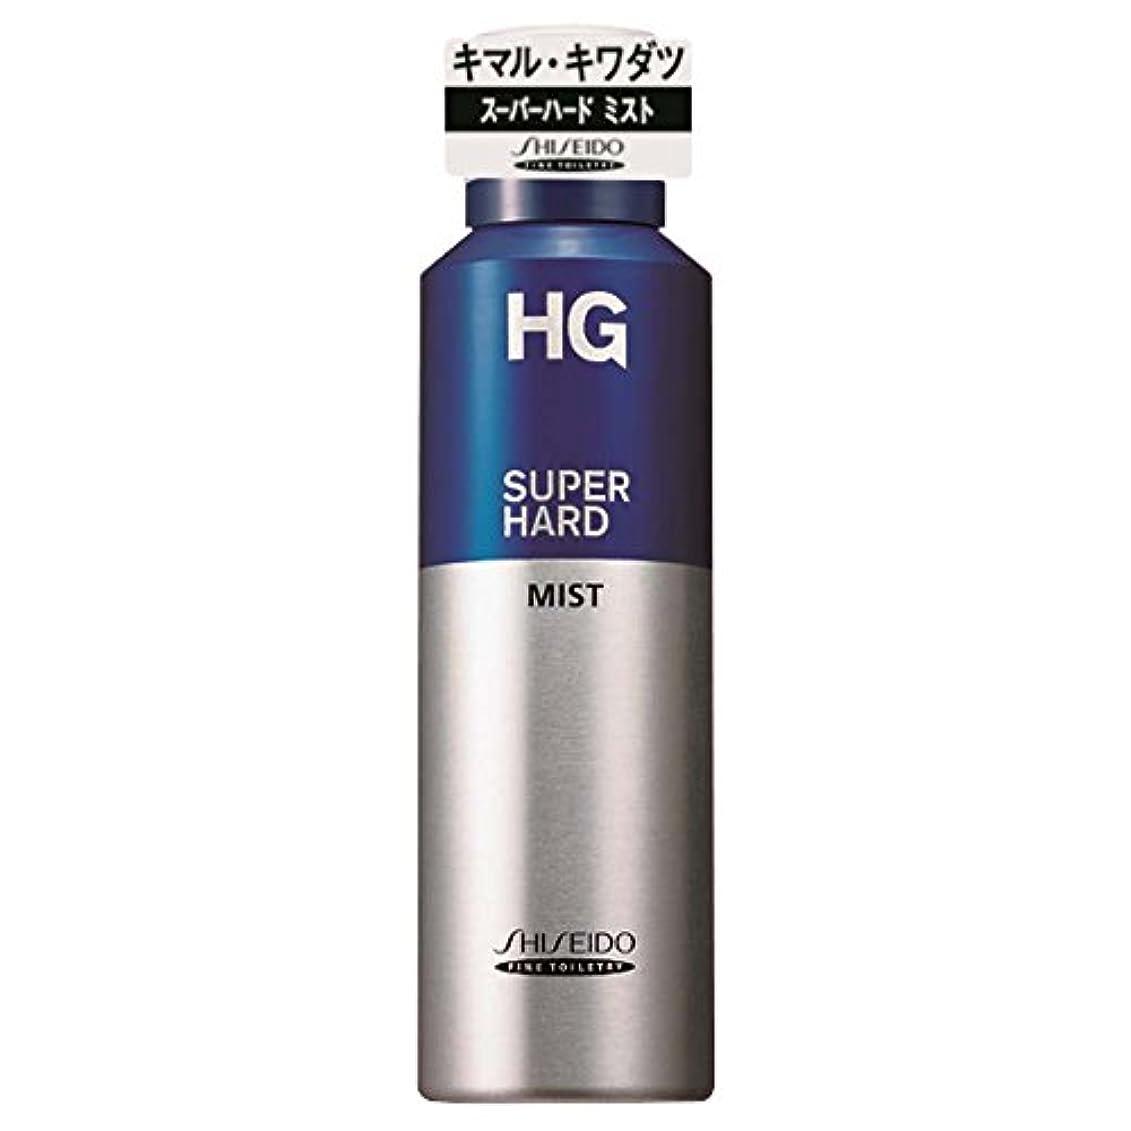 ストレージ運ぶ幸運なHG スーパーハードミストa 【HTRC3】